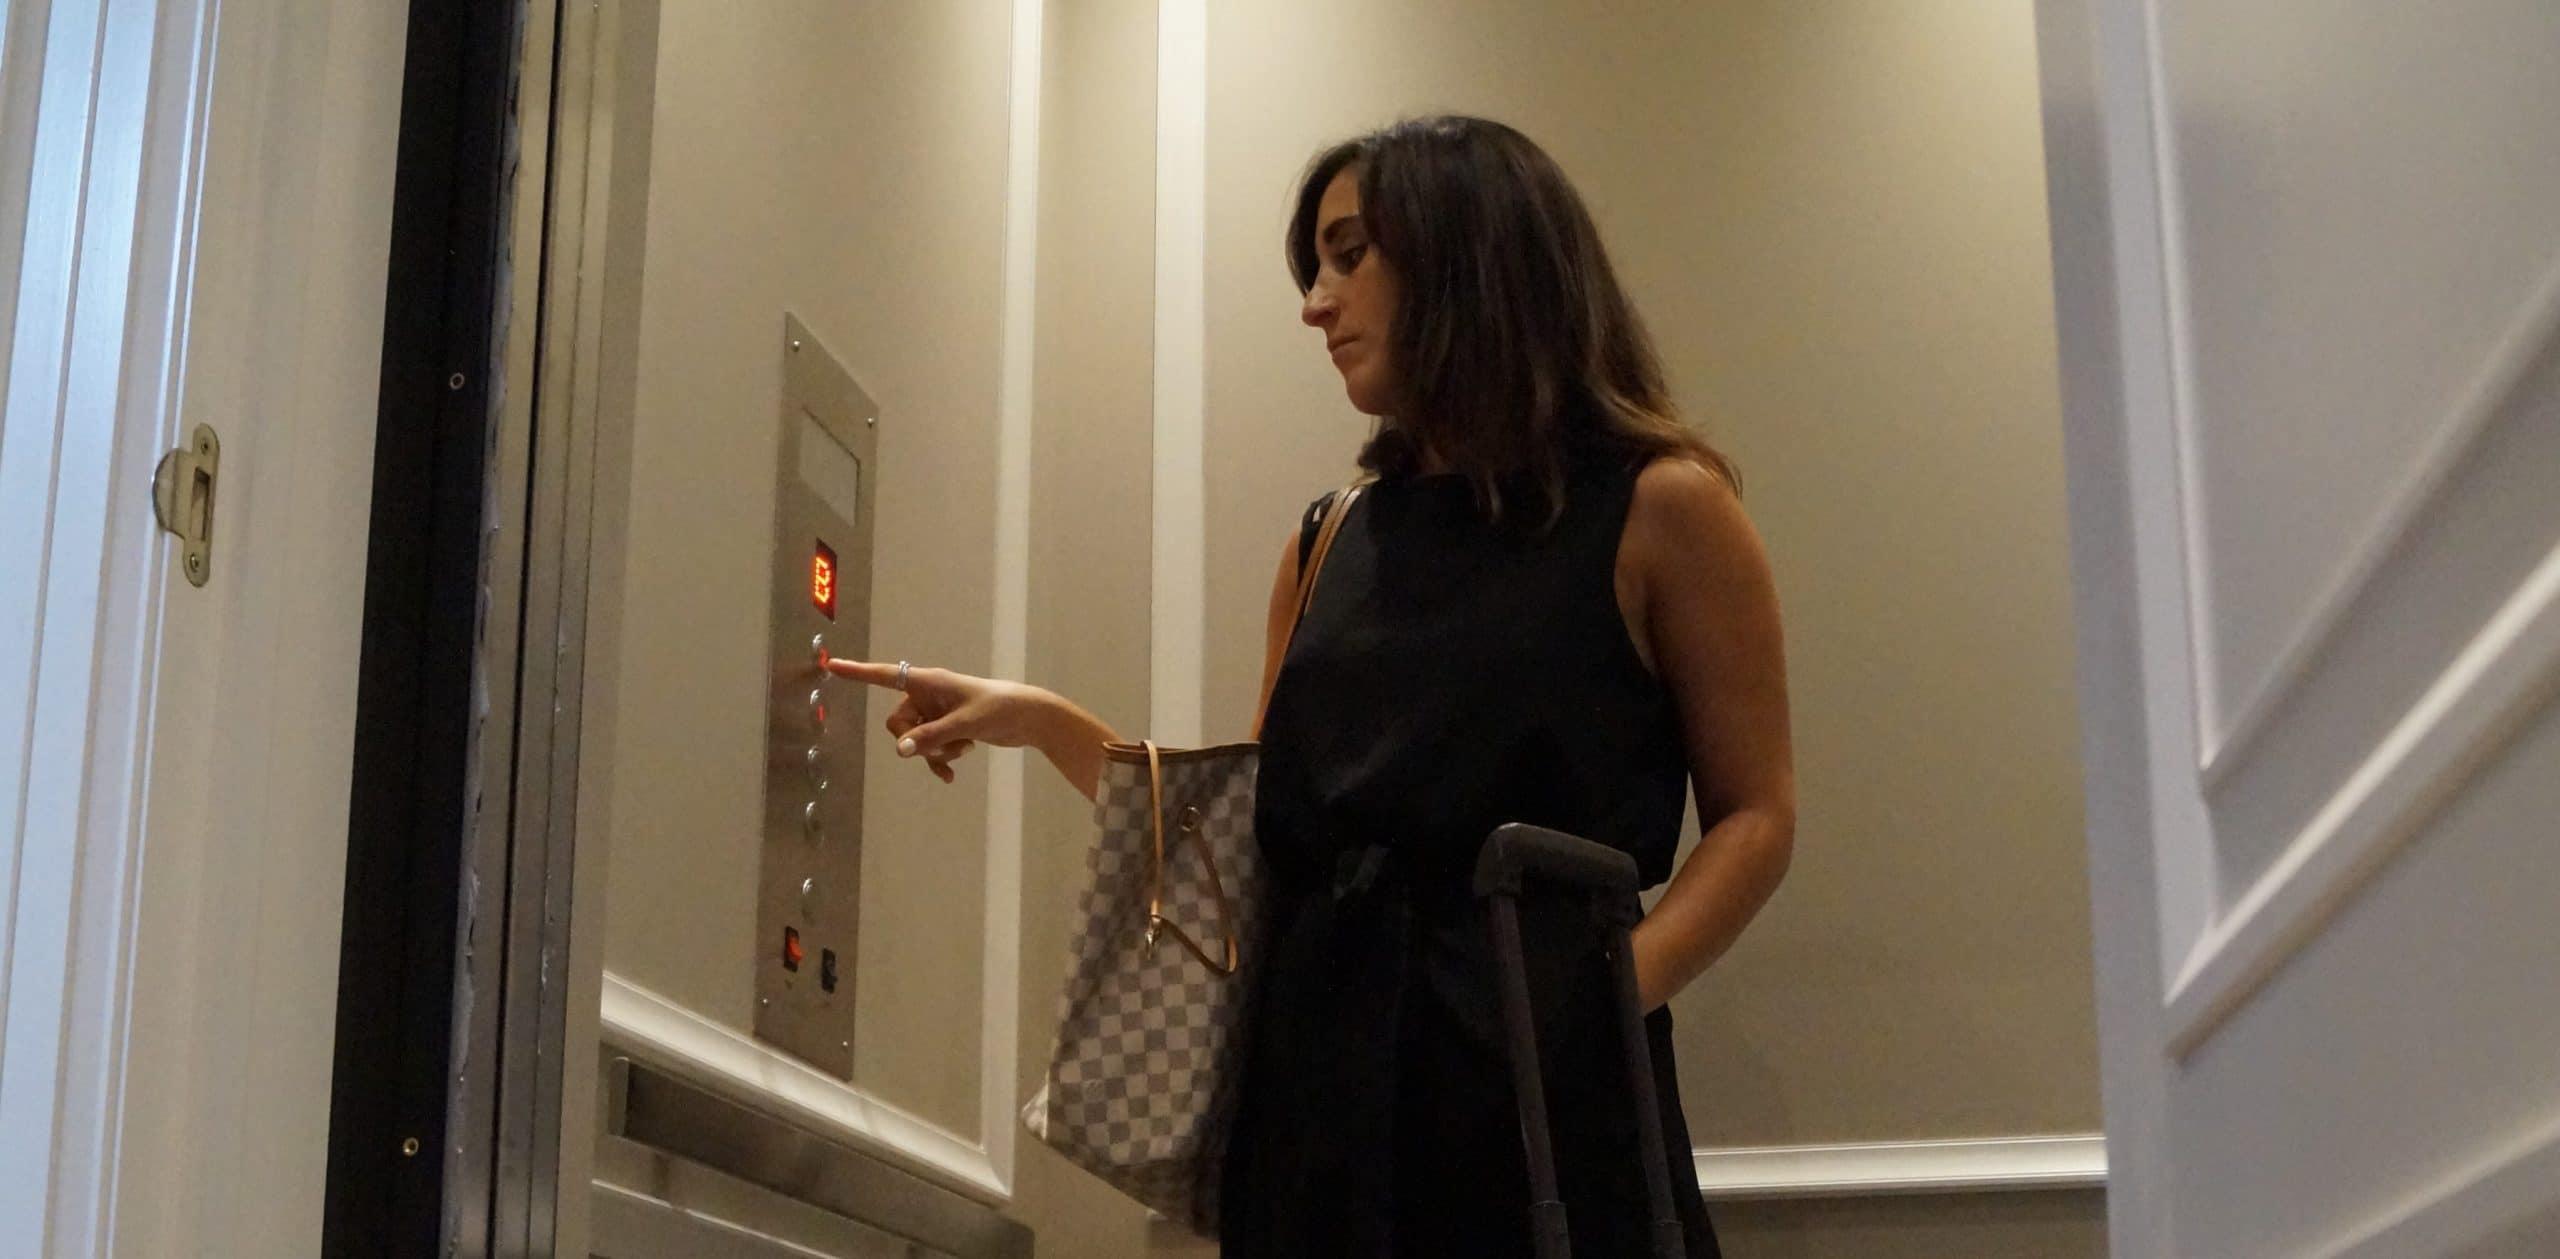 Residential Elevators Ontario by Federal Elevator